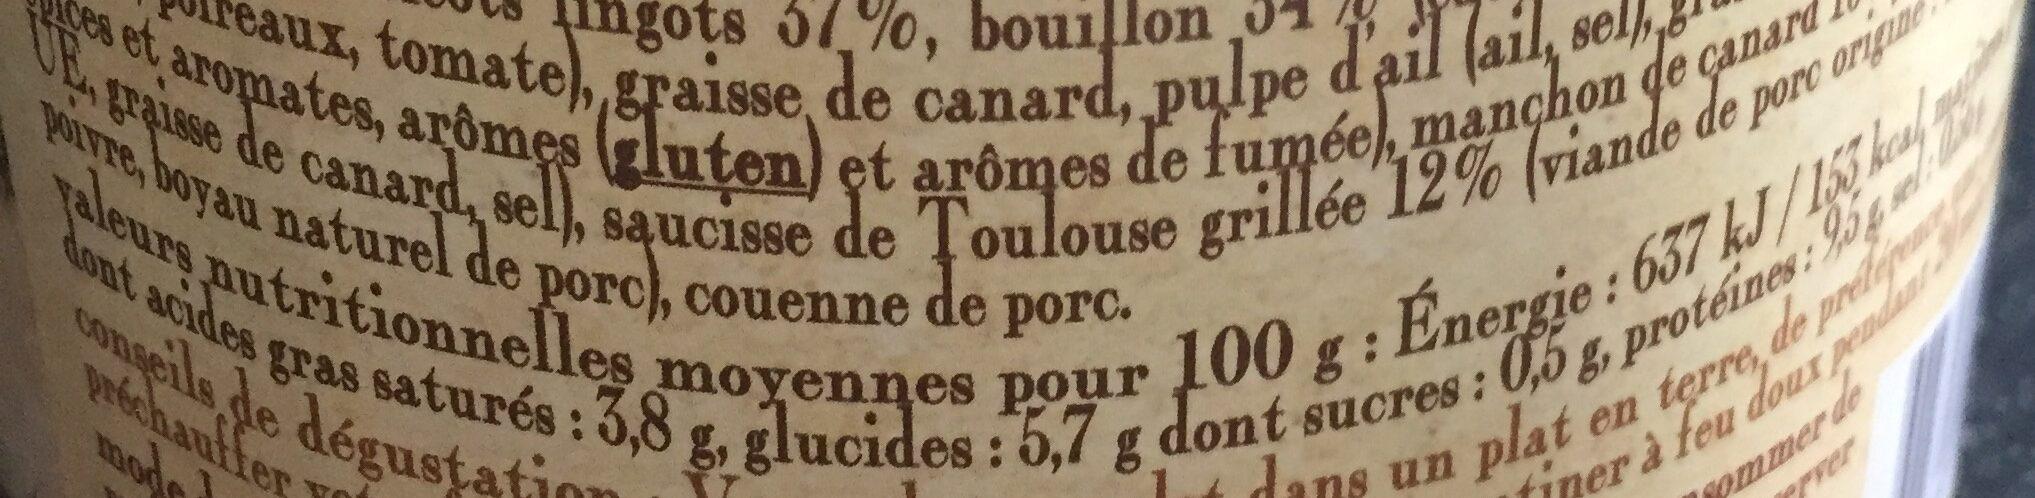 le cassoulet au Canard cuisiné dans son bouillon de légumes frais - Informations nutritionnelles - fr